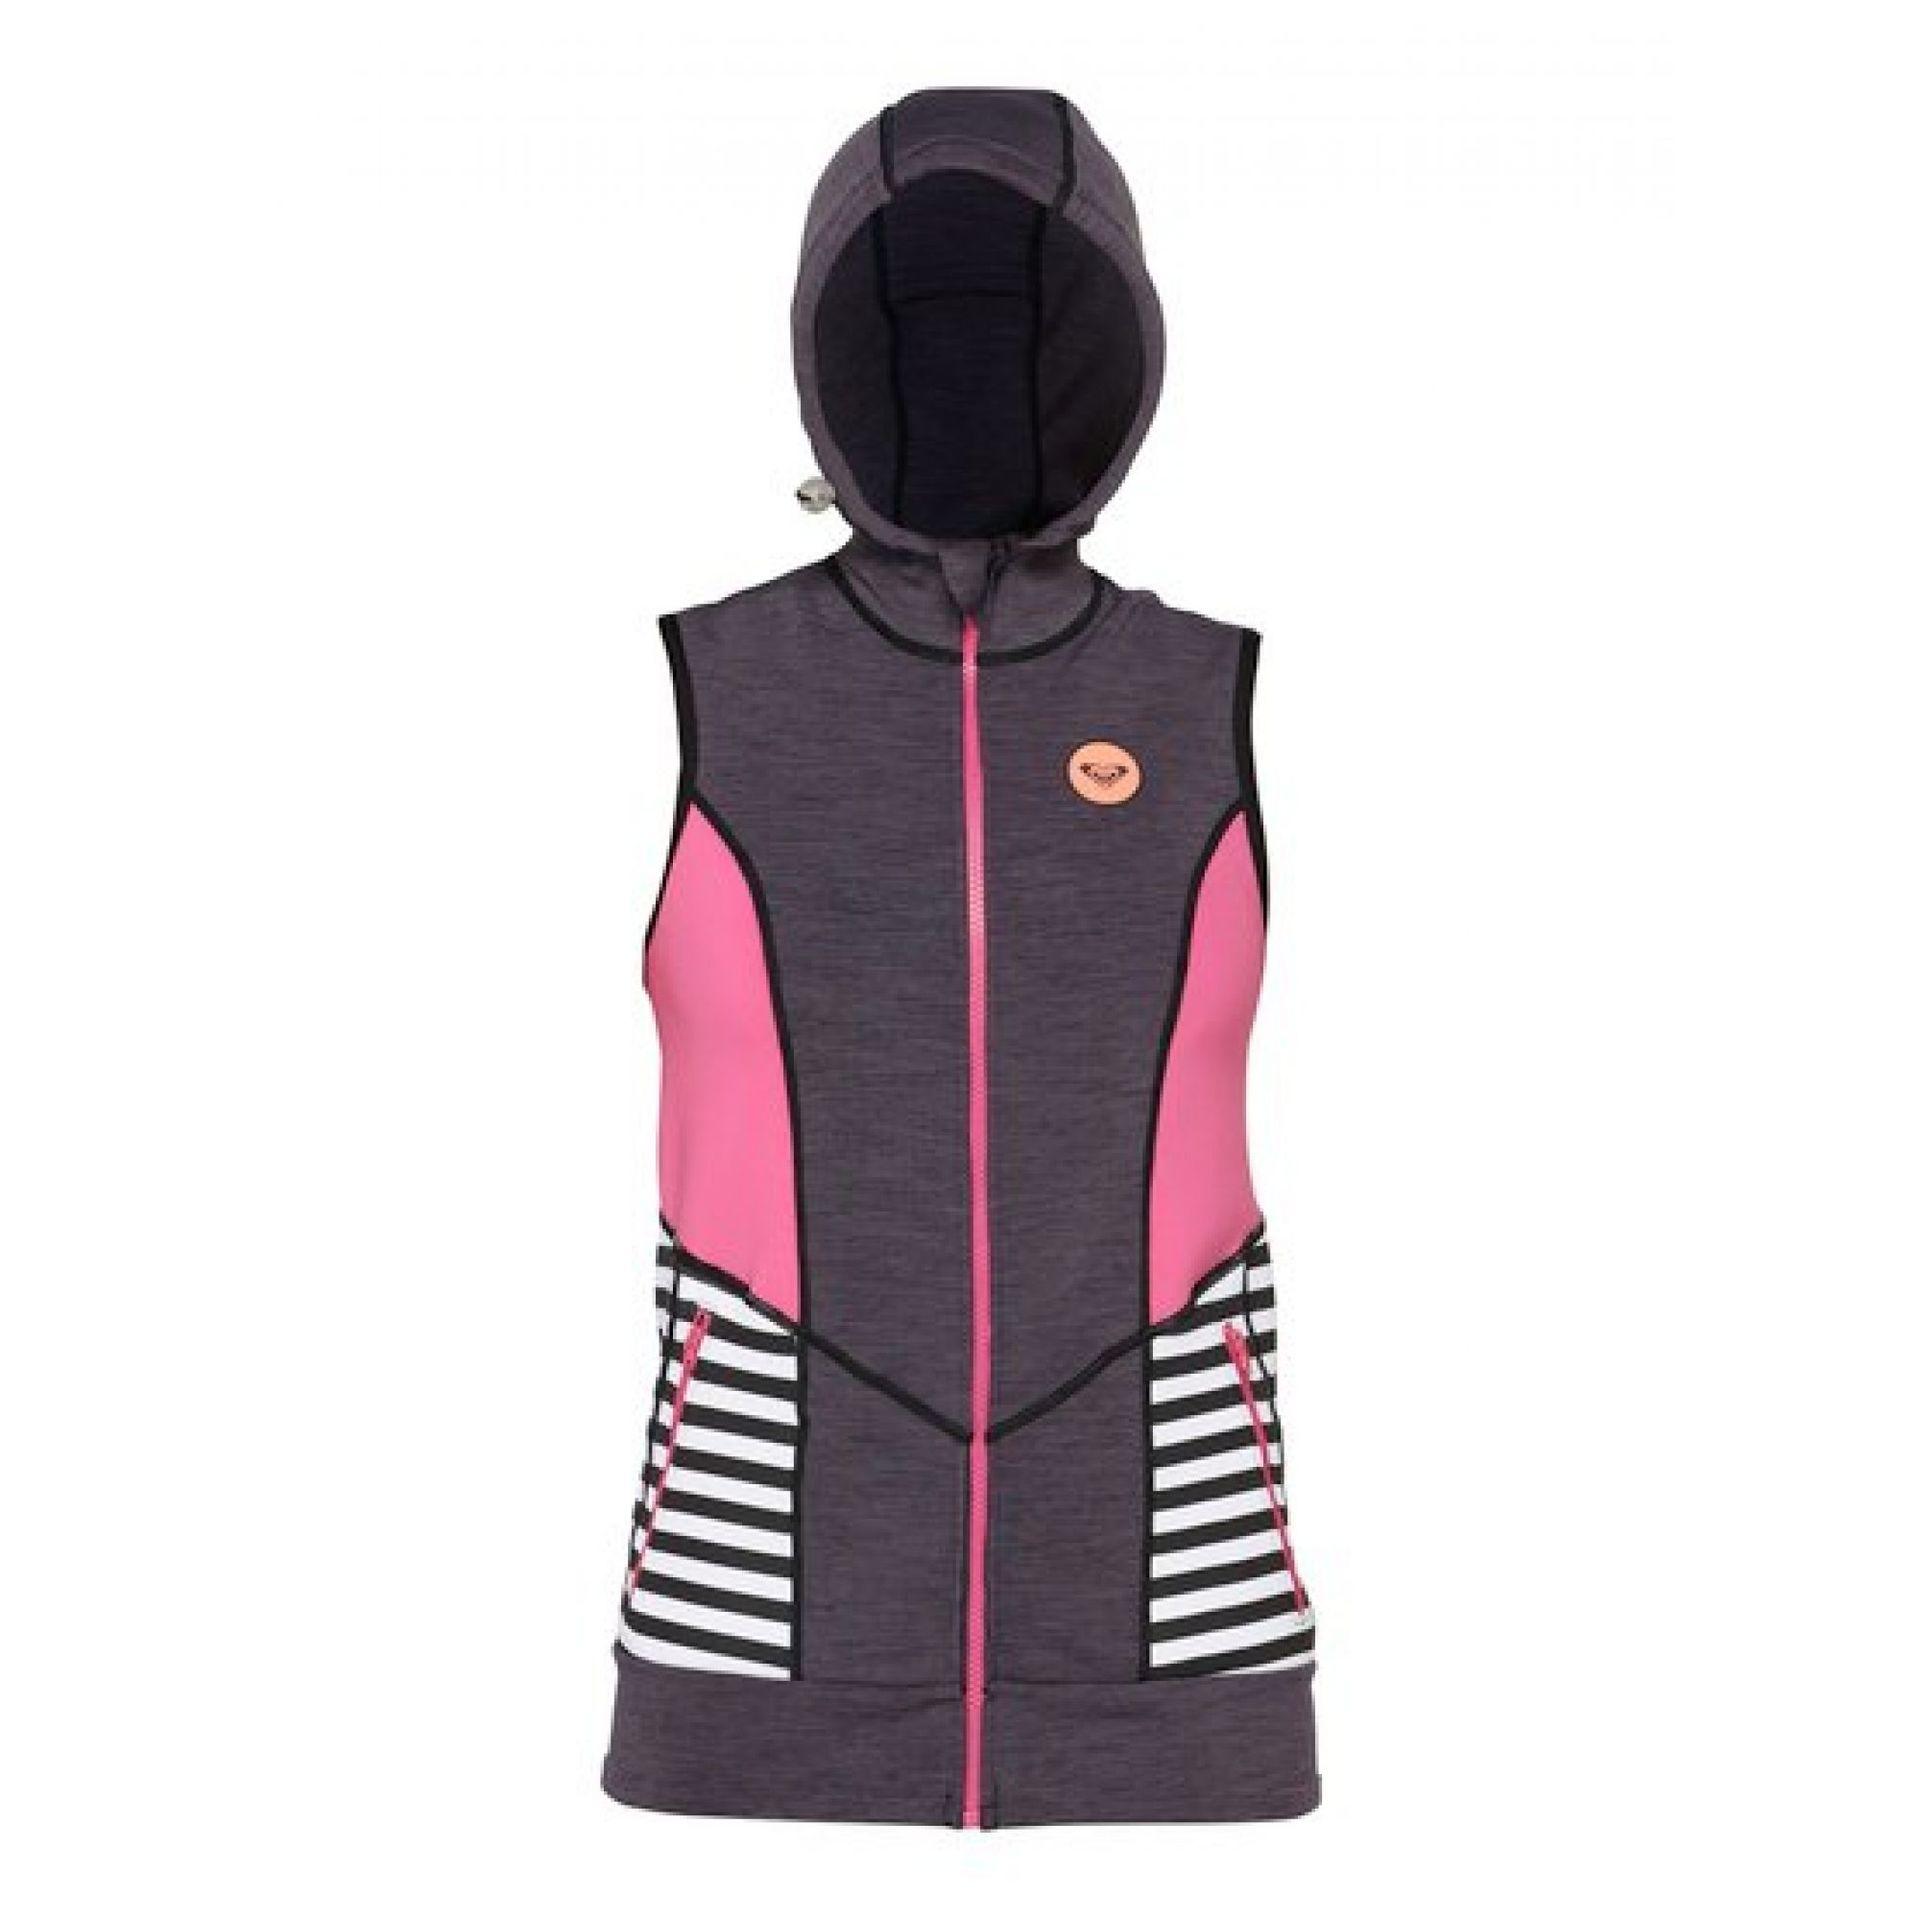 Kamizelka neoprenowa Roxy Close Out Vest Of szaro różowo czarno biała